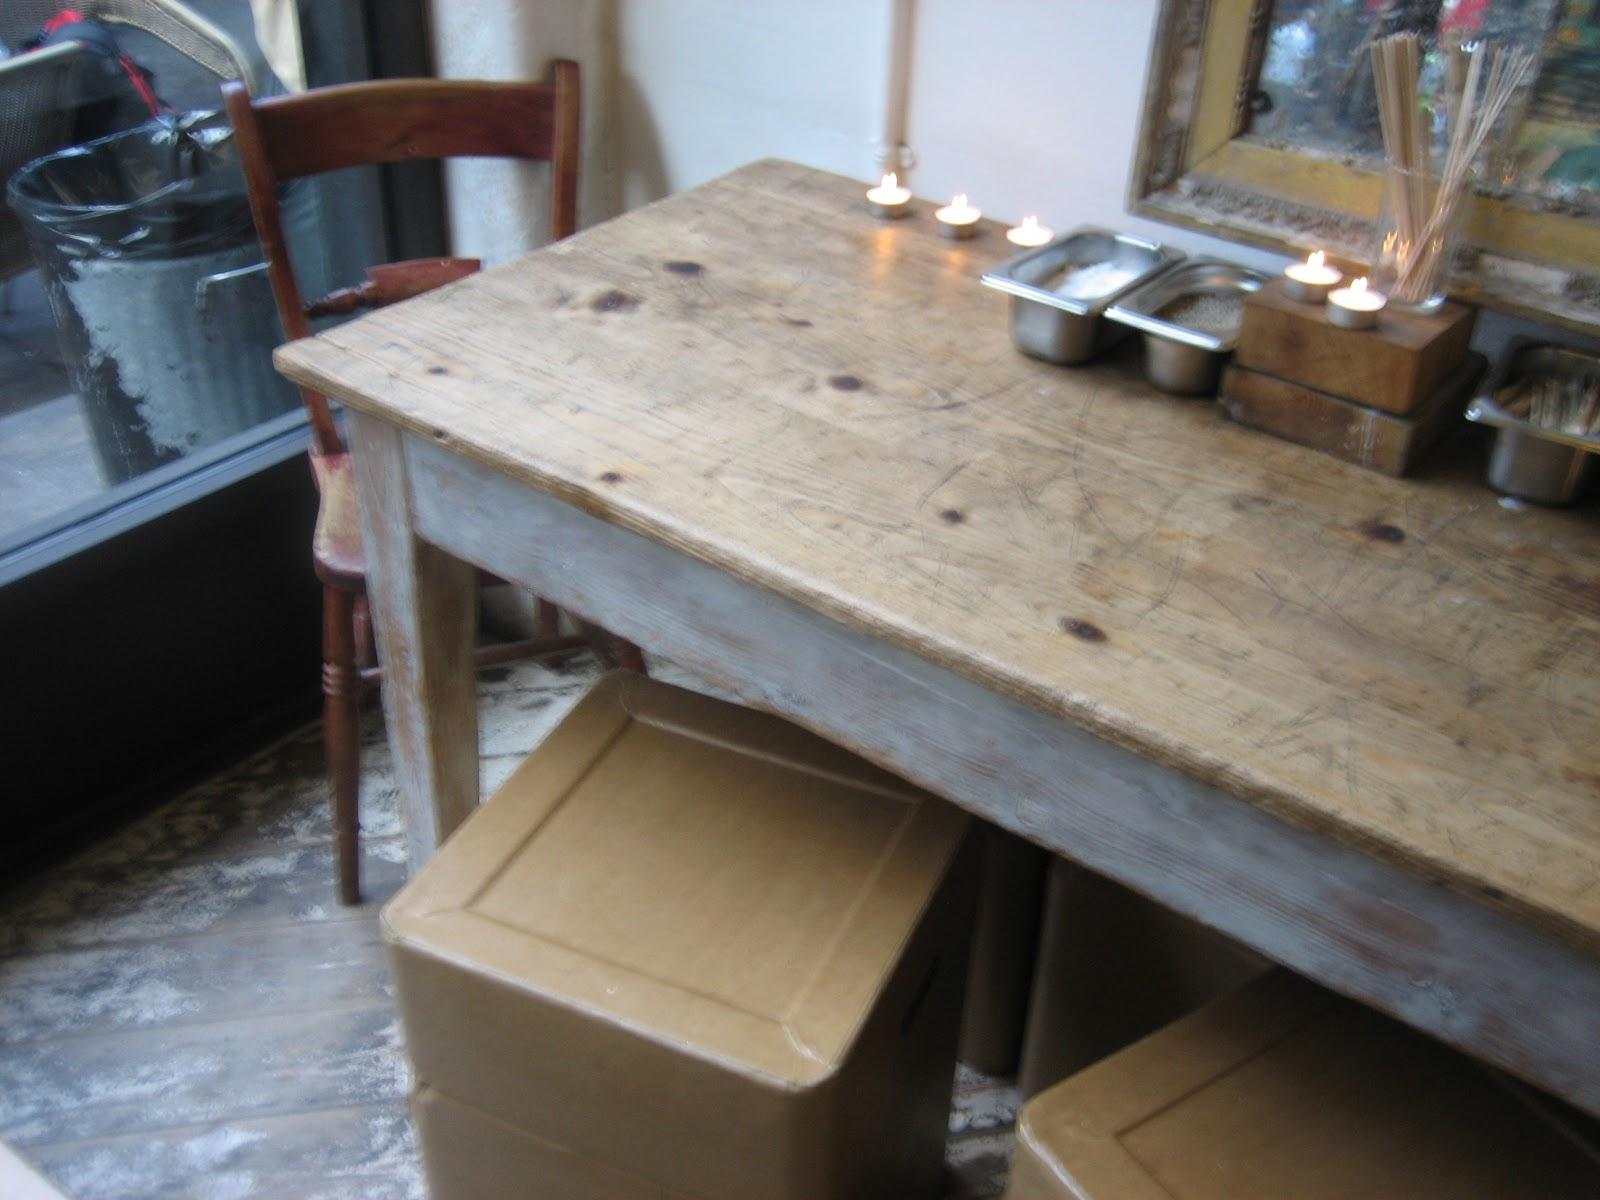 piani per tavoli in legno vecchio nj11 regardsdefemmes